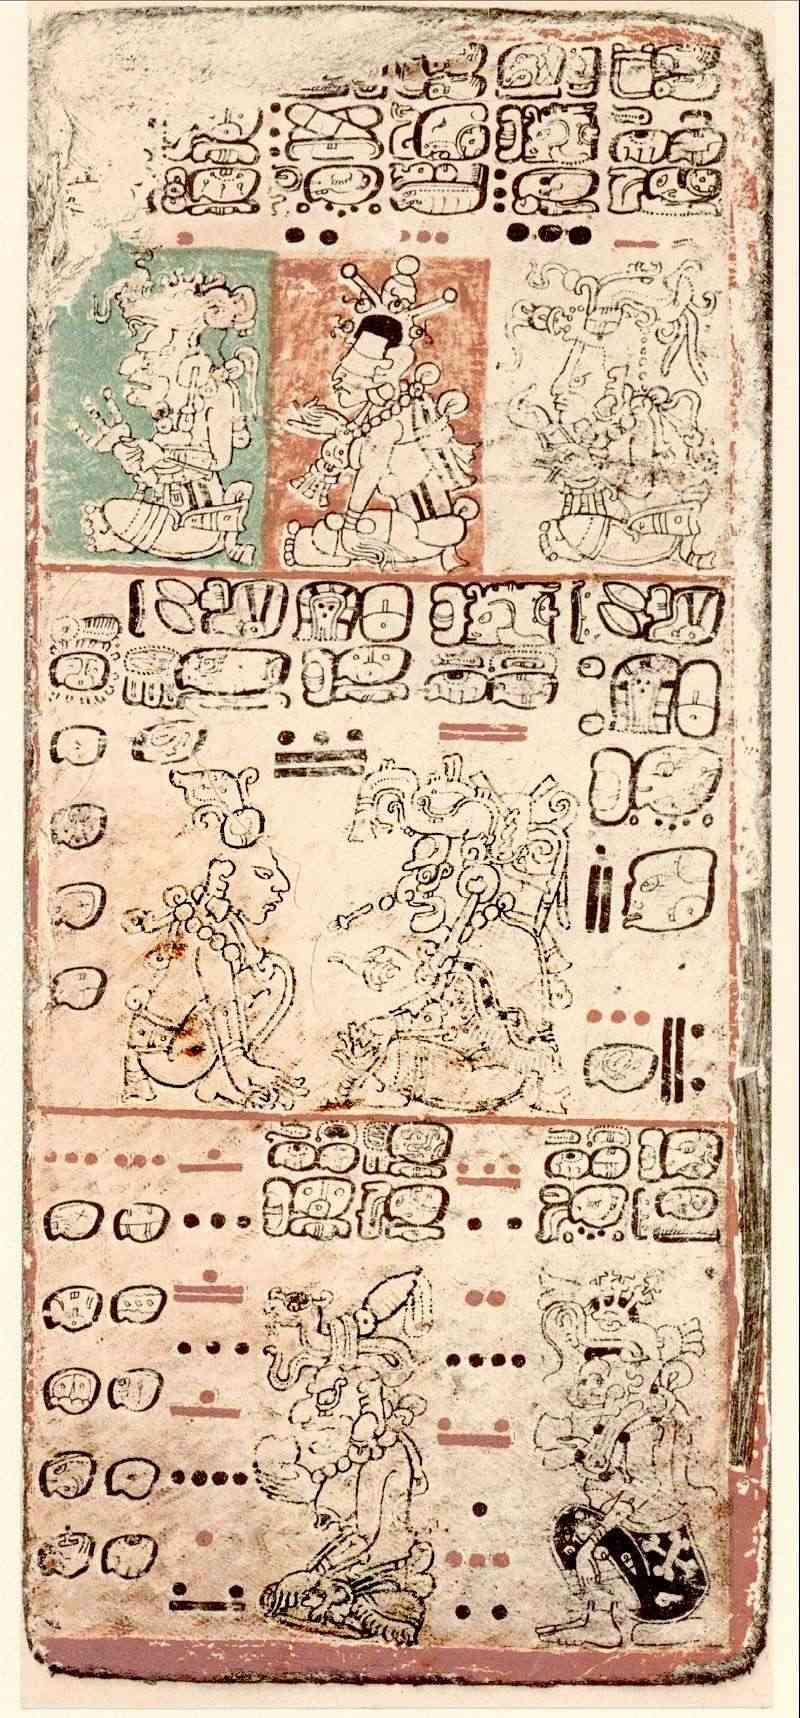 Mayas - Tikal Calakmul Palenque - Maya Yucatan Mexique - Page 2 Dresde10